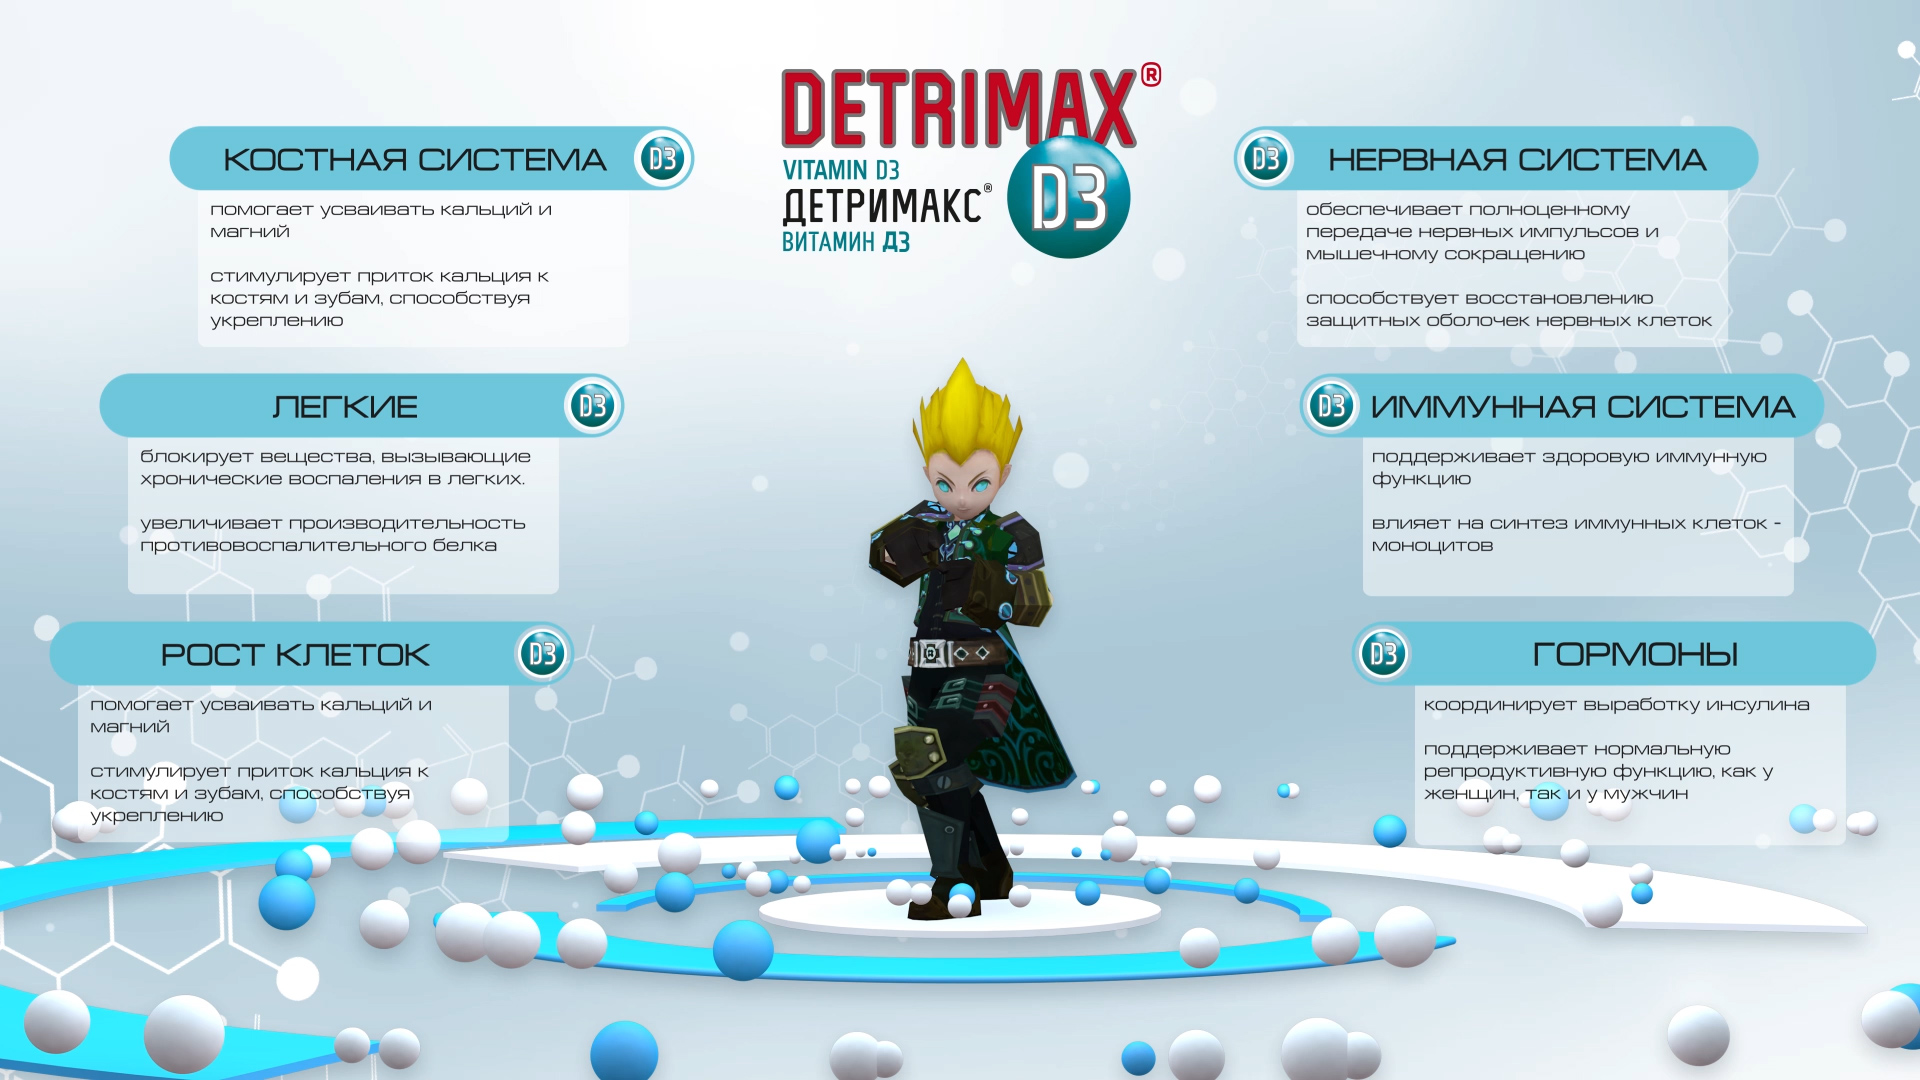 3D инфографика для медицинского препарата - динамическая инфографика 3d, создание анимационных видеороликов, анимационные ролики, графический рекламный ролик